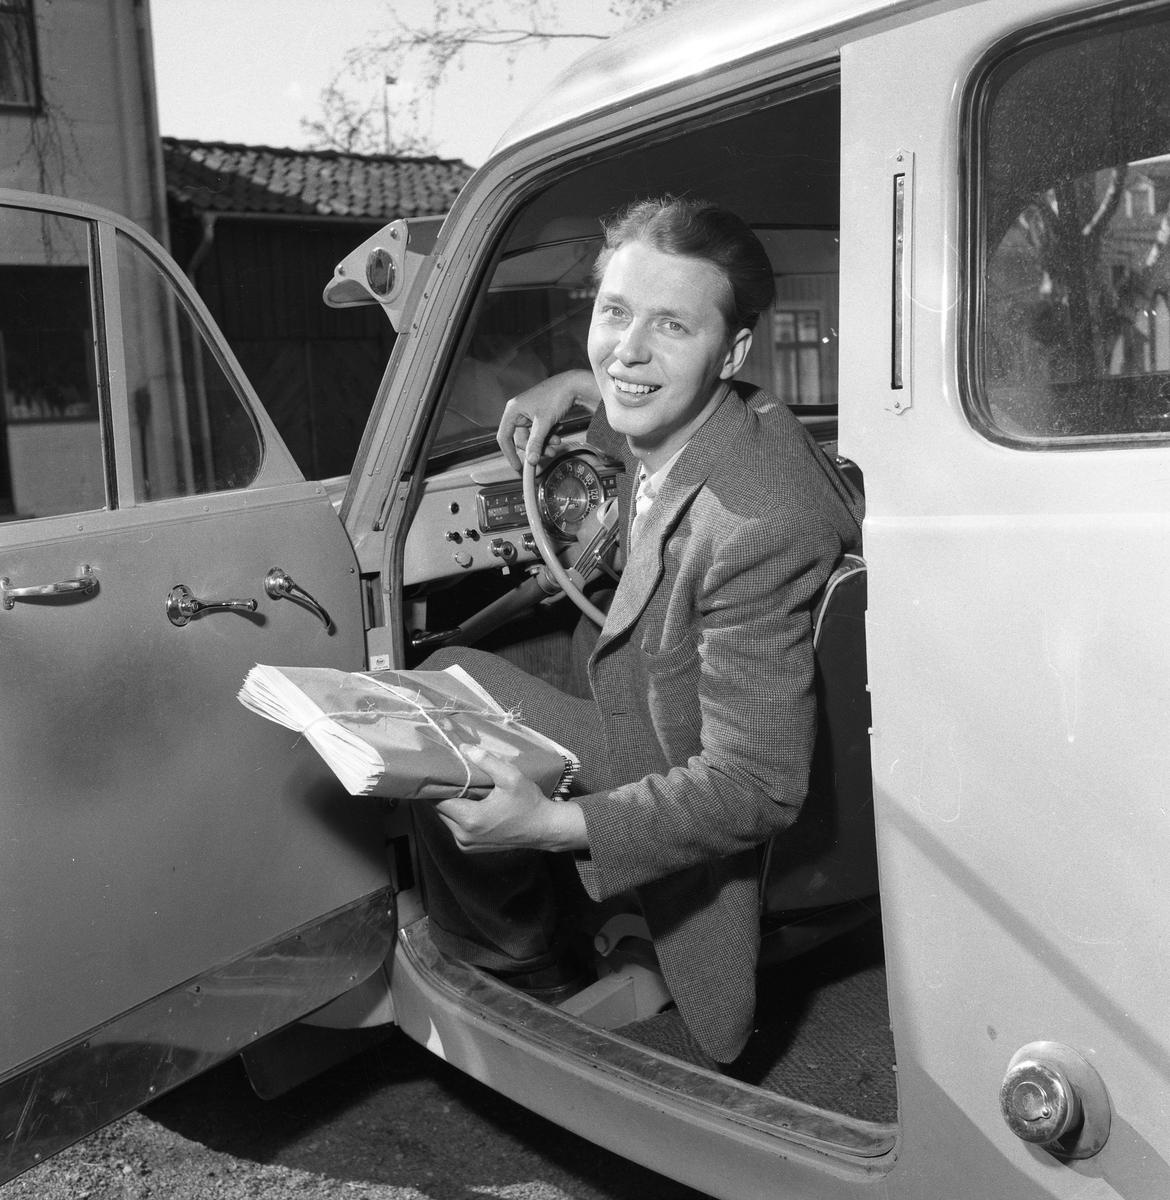 Arboga Tidning, personal. Willy Johansson sitter bakom ratten. Han har en bunt tidningar i handen. Interiör av bil, instrumentbrädan syns delvis.